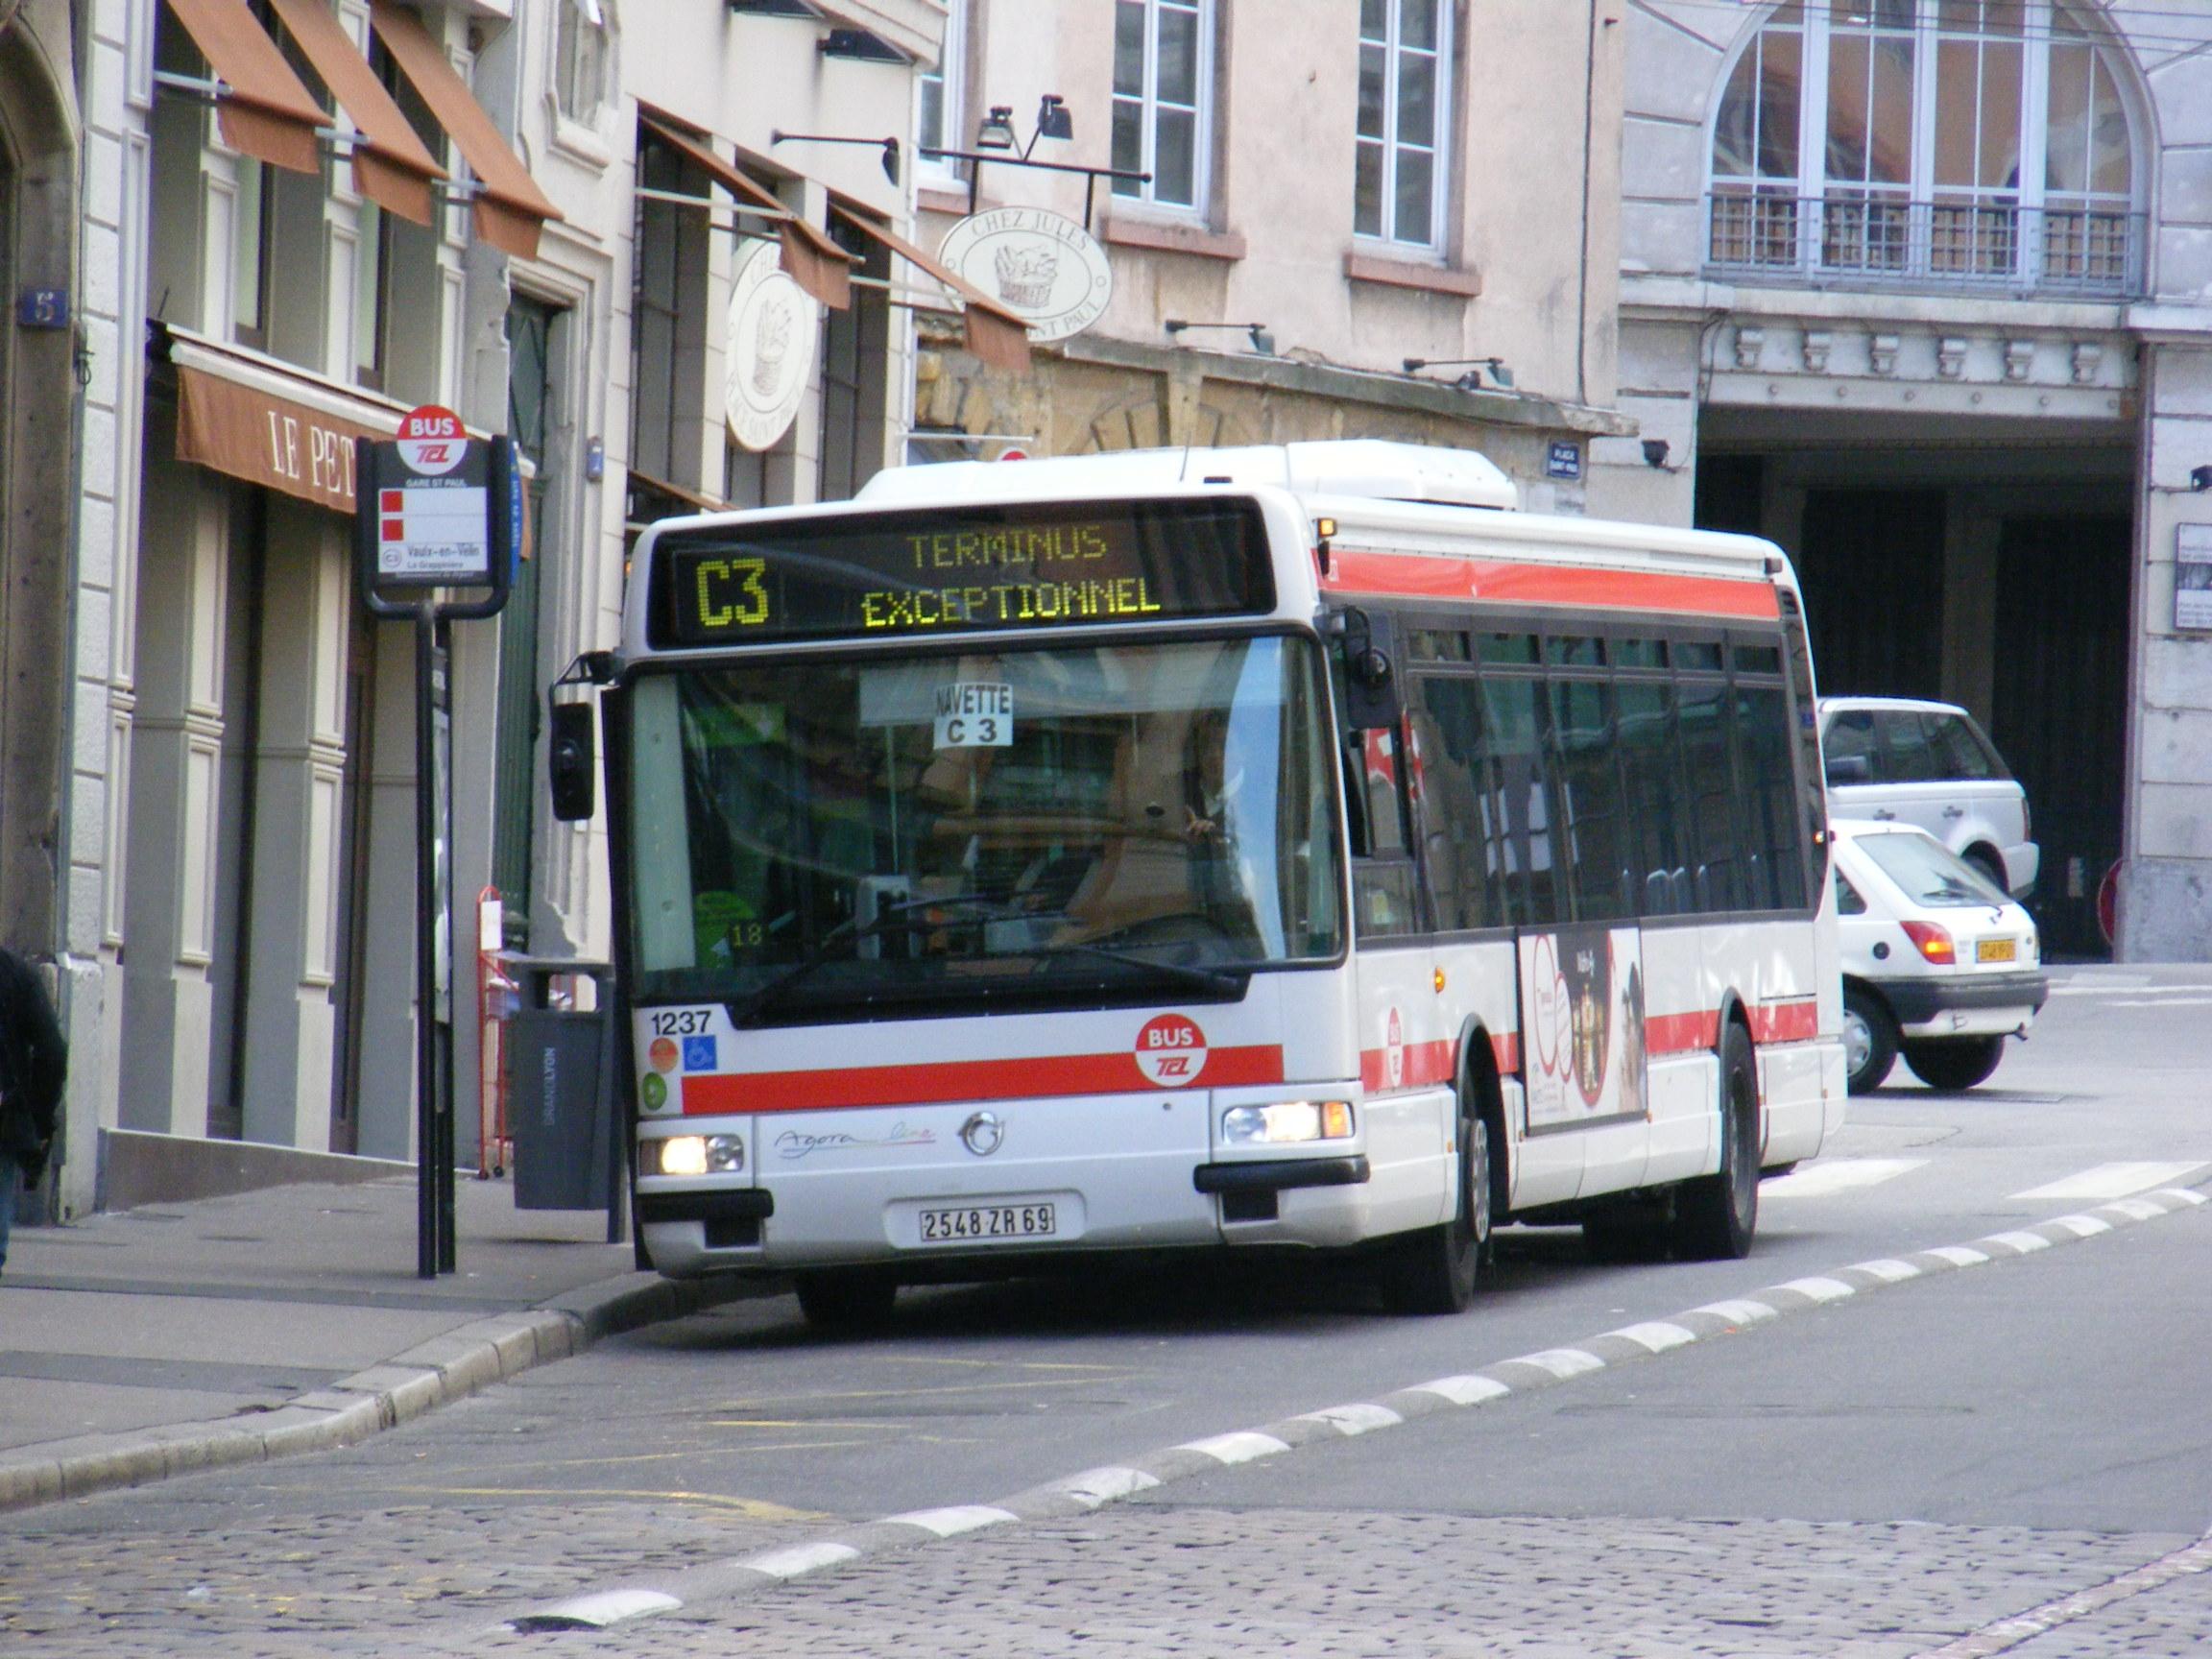 La navette c3 ira la part dieu la passion des autobus - Lyon to geneva bus ...